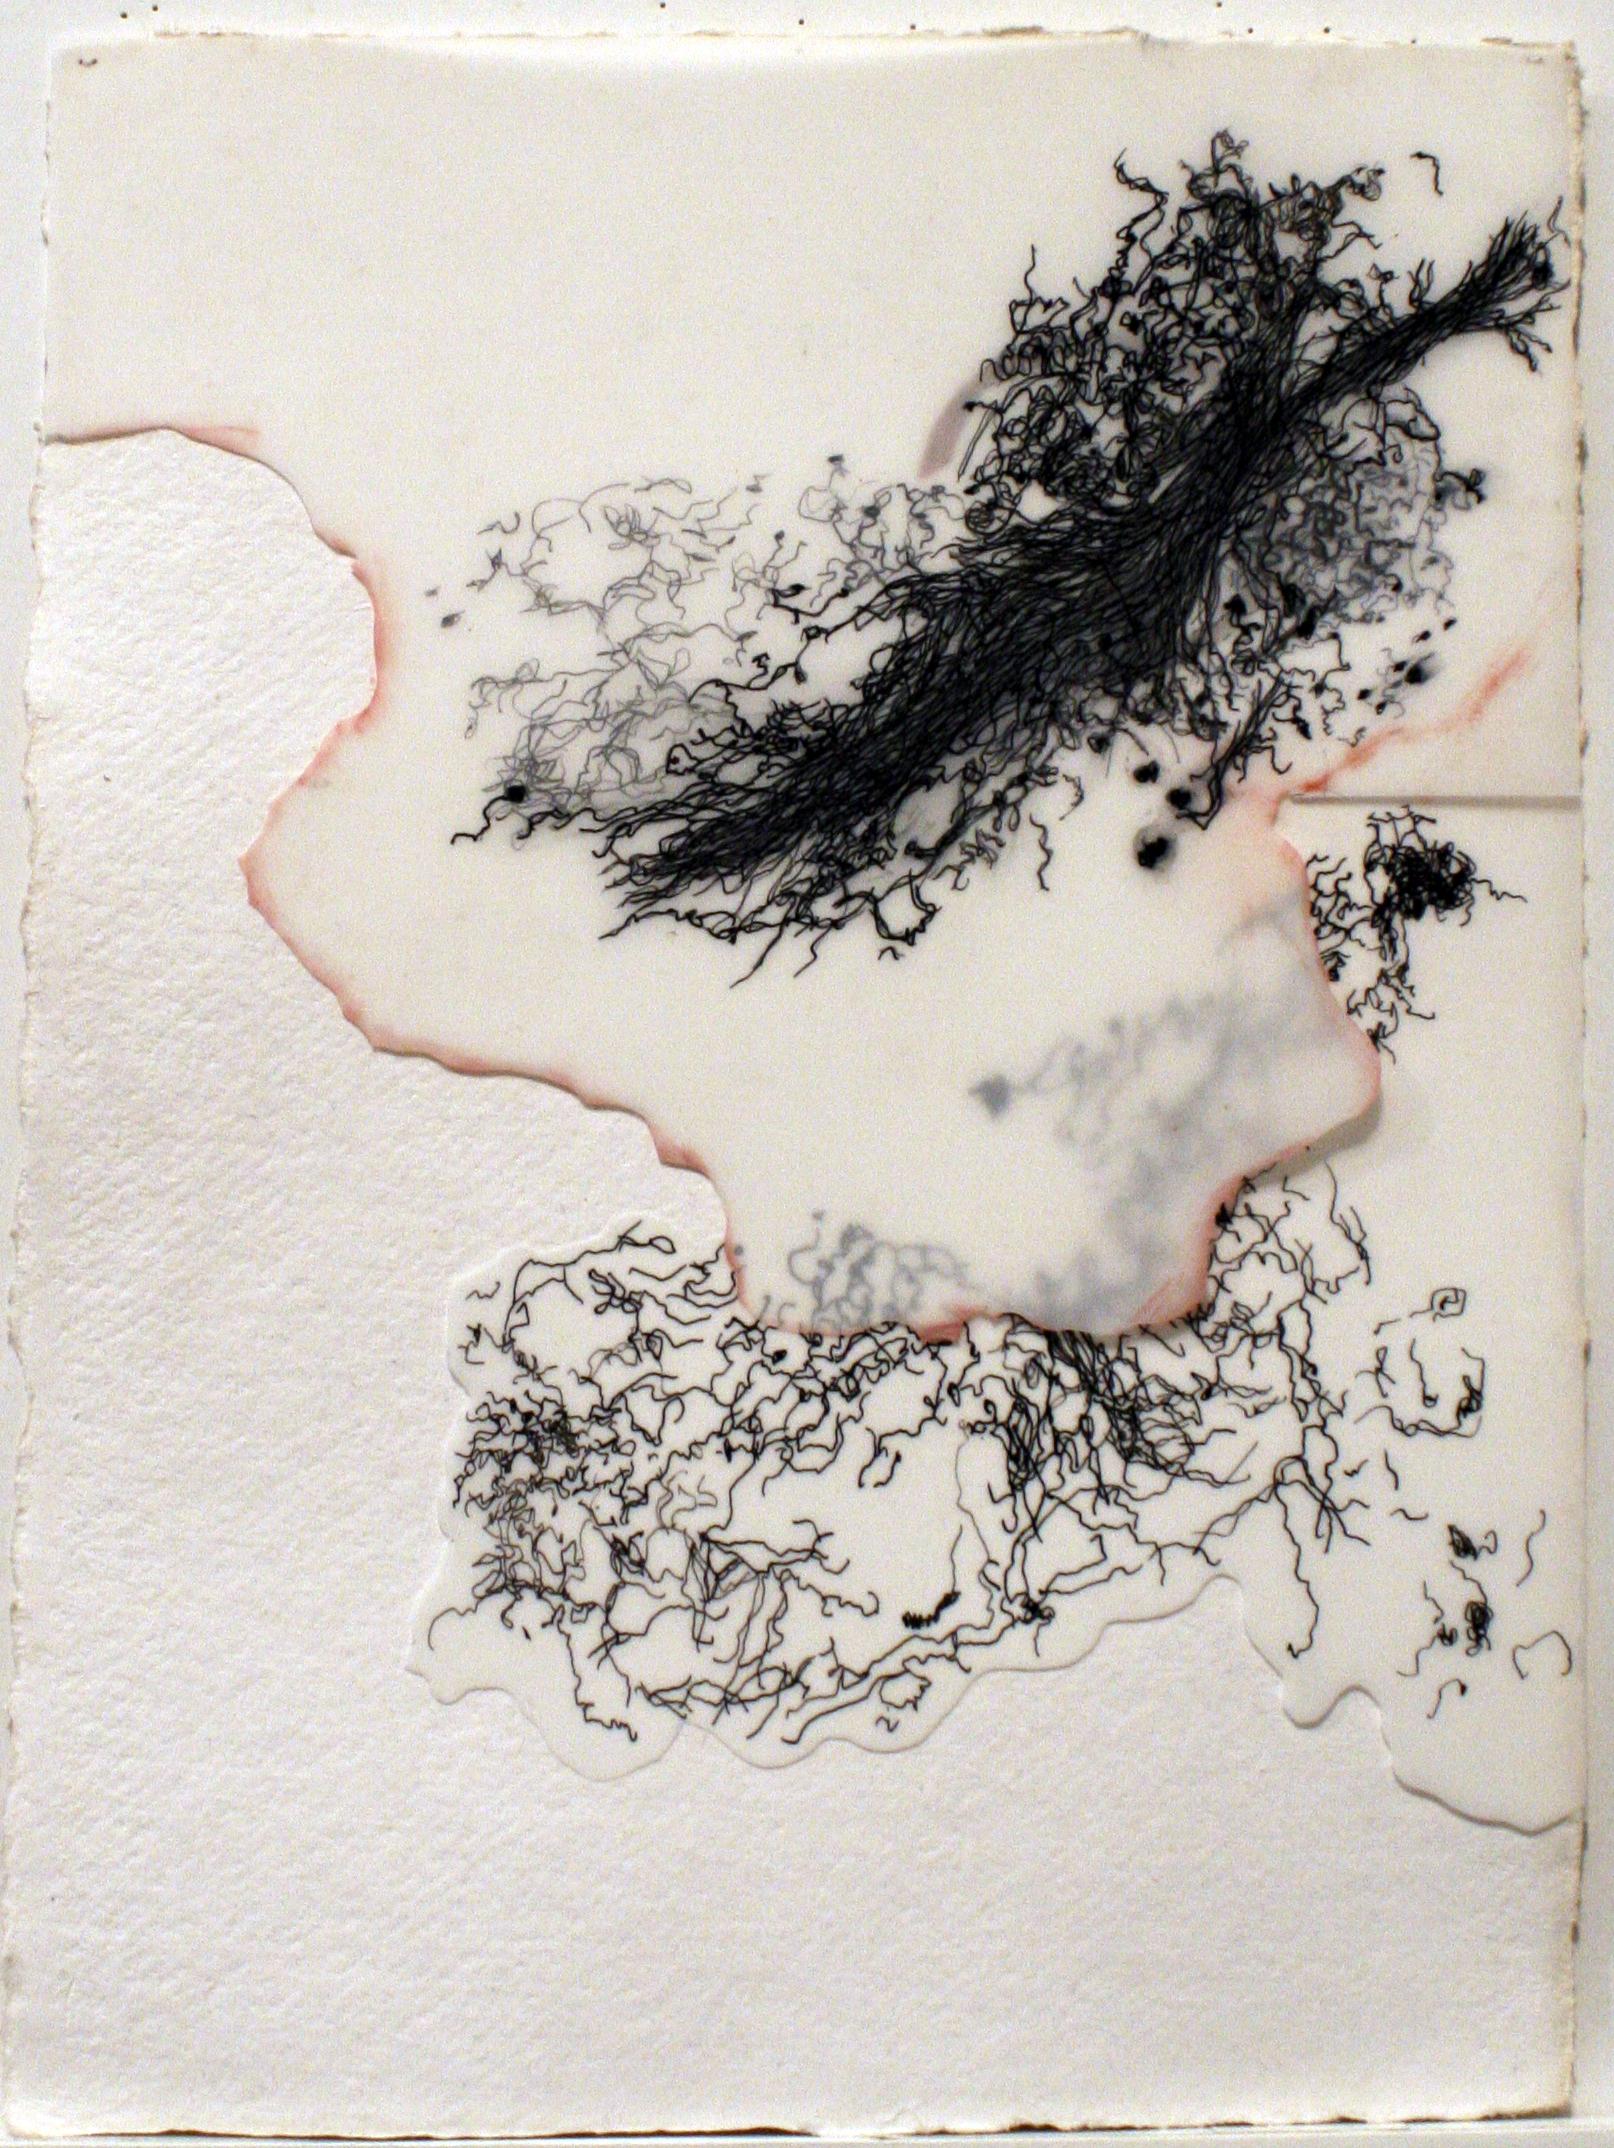 """10209 (Ménerbes)   mixed media on paper  9""""x 12"""" 2009"""